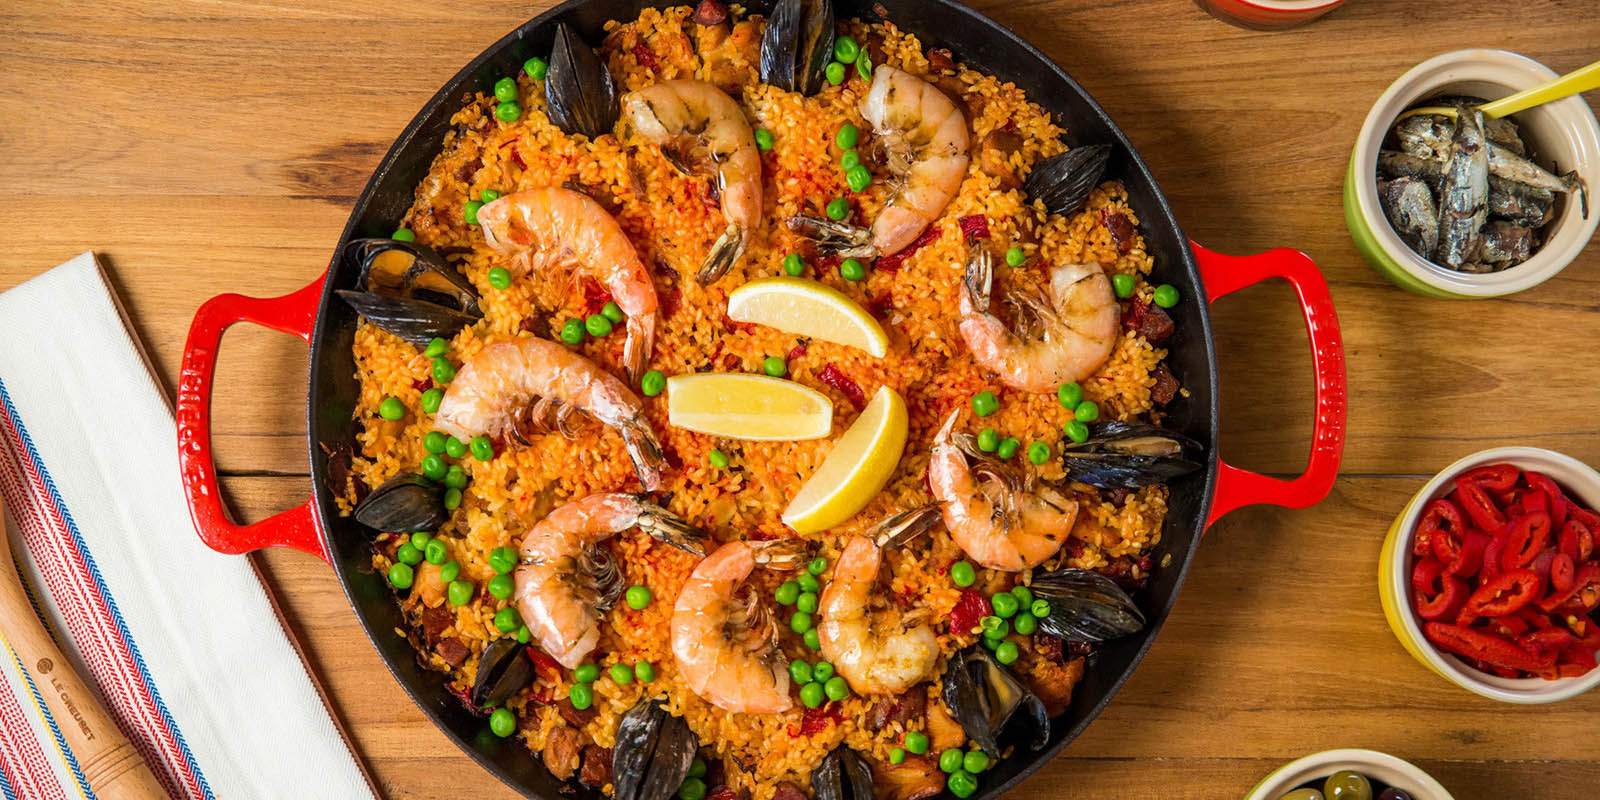 Паэлья - национальное блюдо Испании